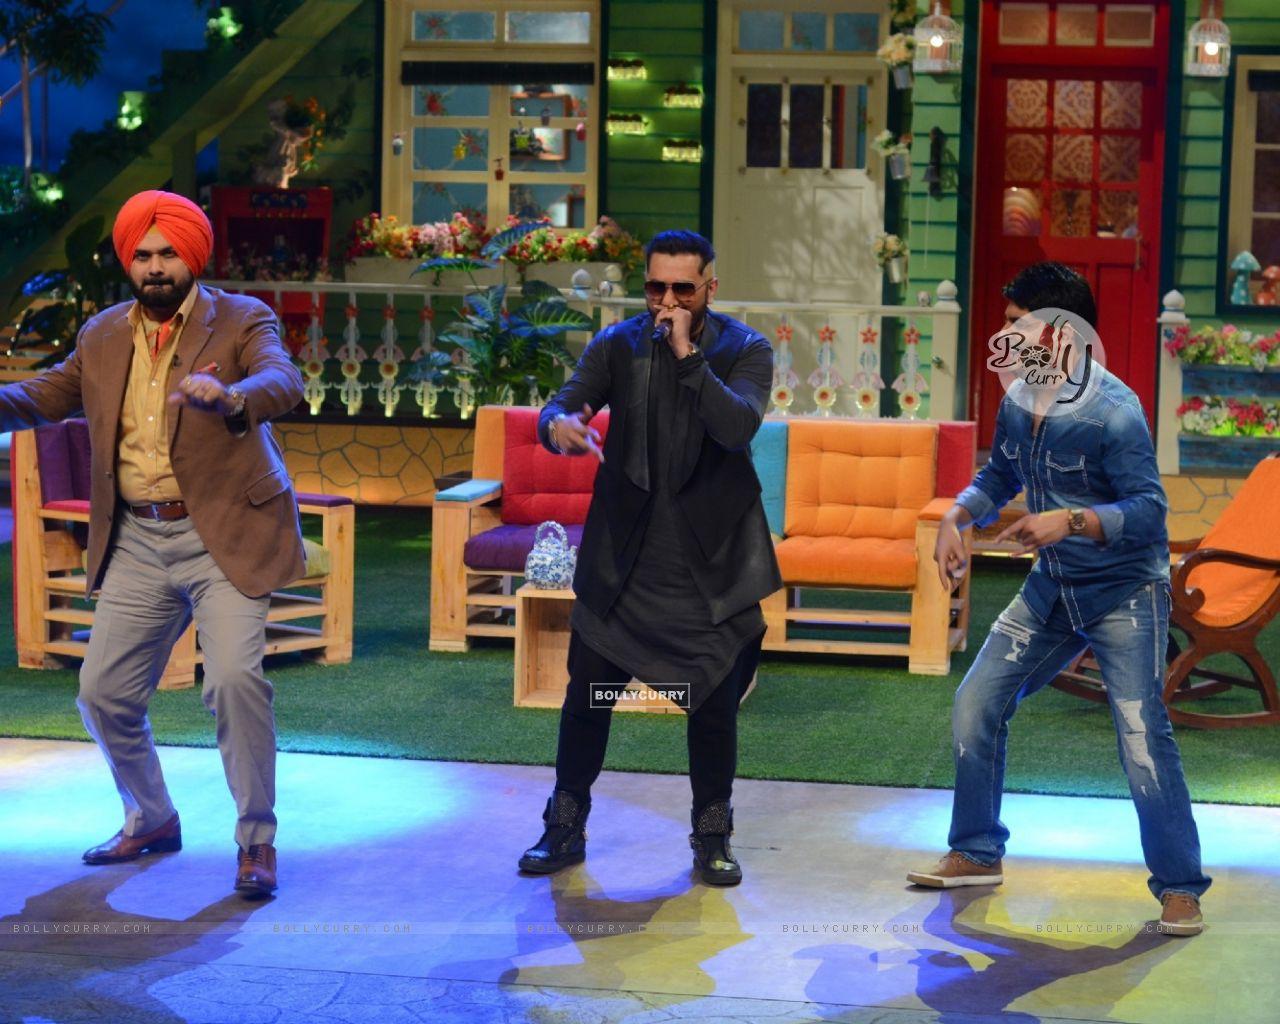 Navjot Singh Siddhu, Honey Singh and Kapil SharmaThe Kapil Sharma Show (404572) size:1280x1024